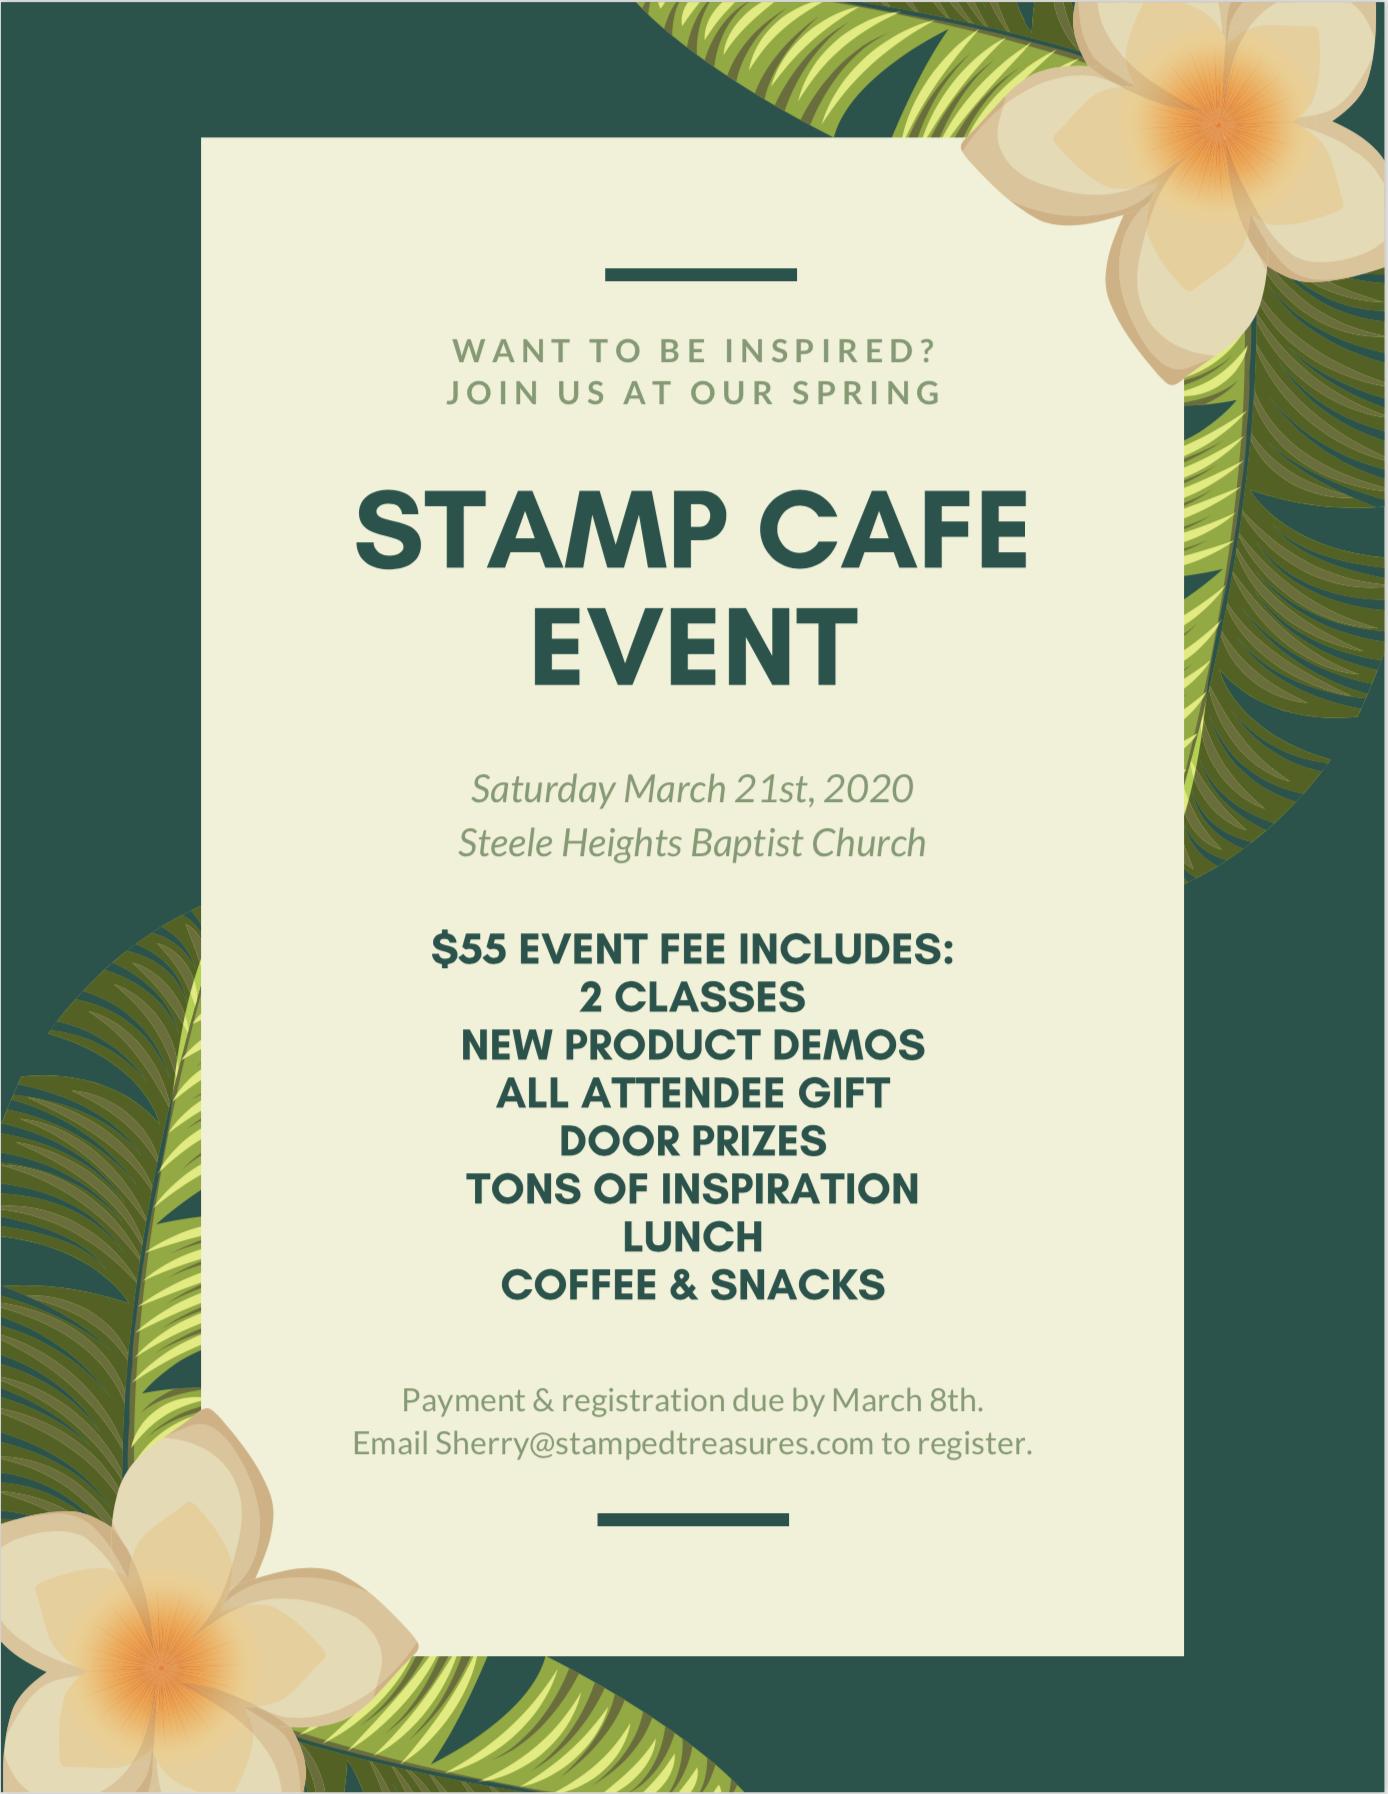 Stamp Cafe